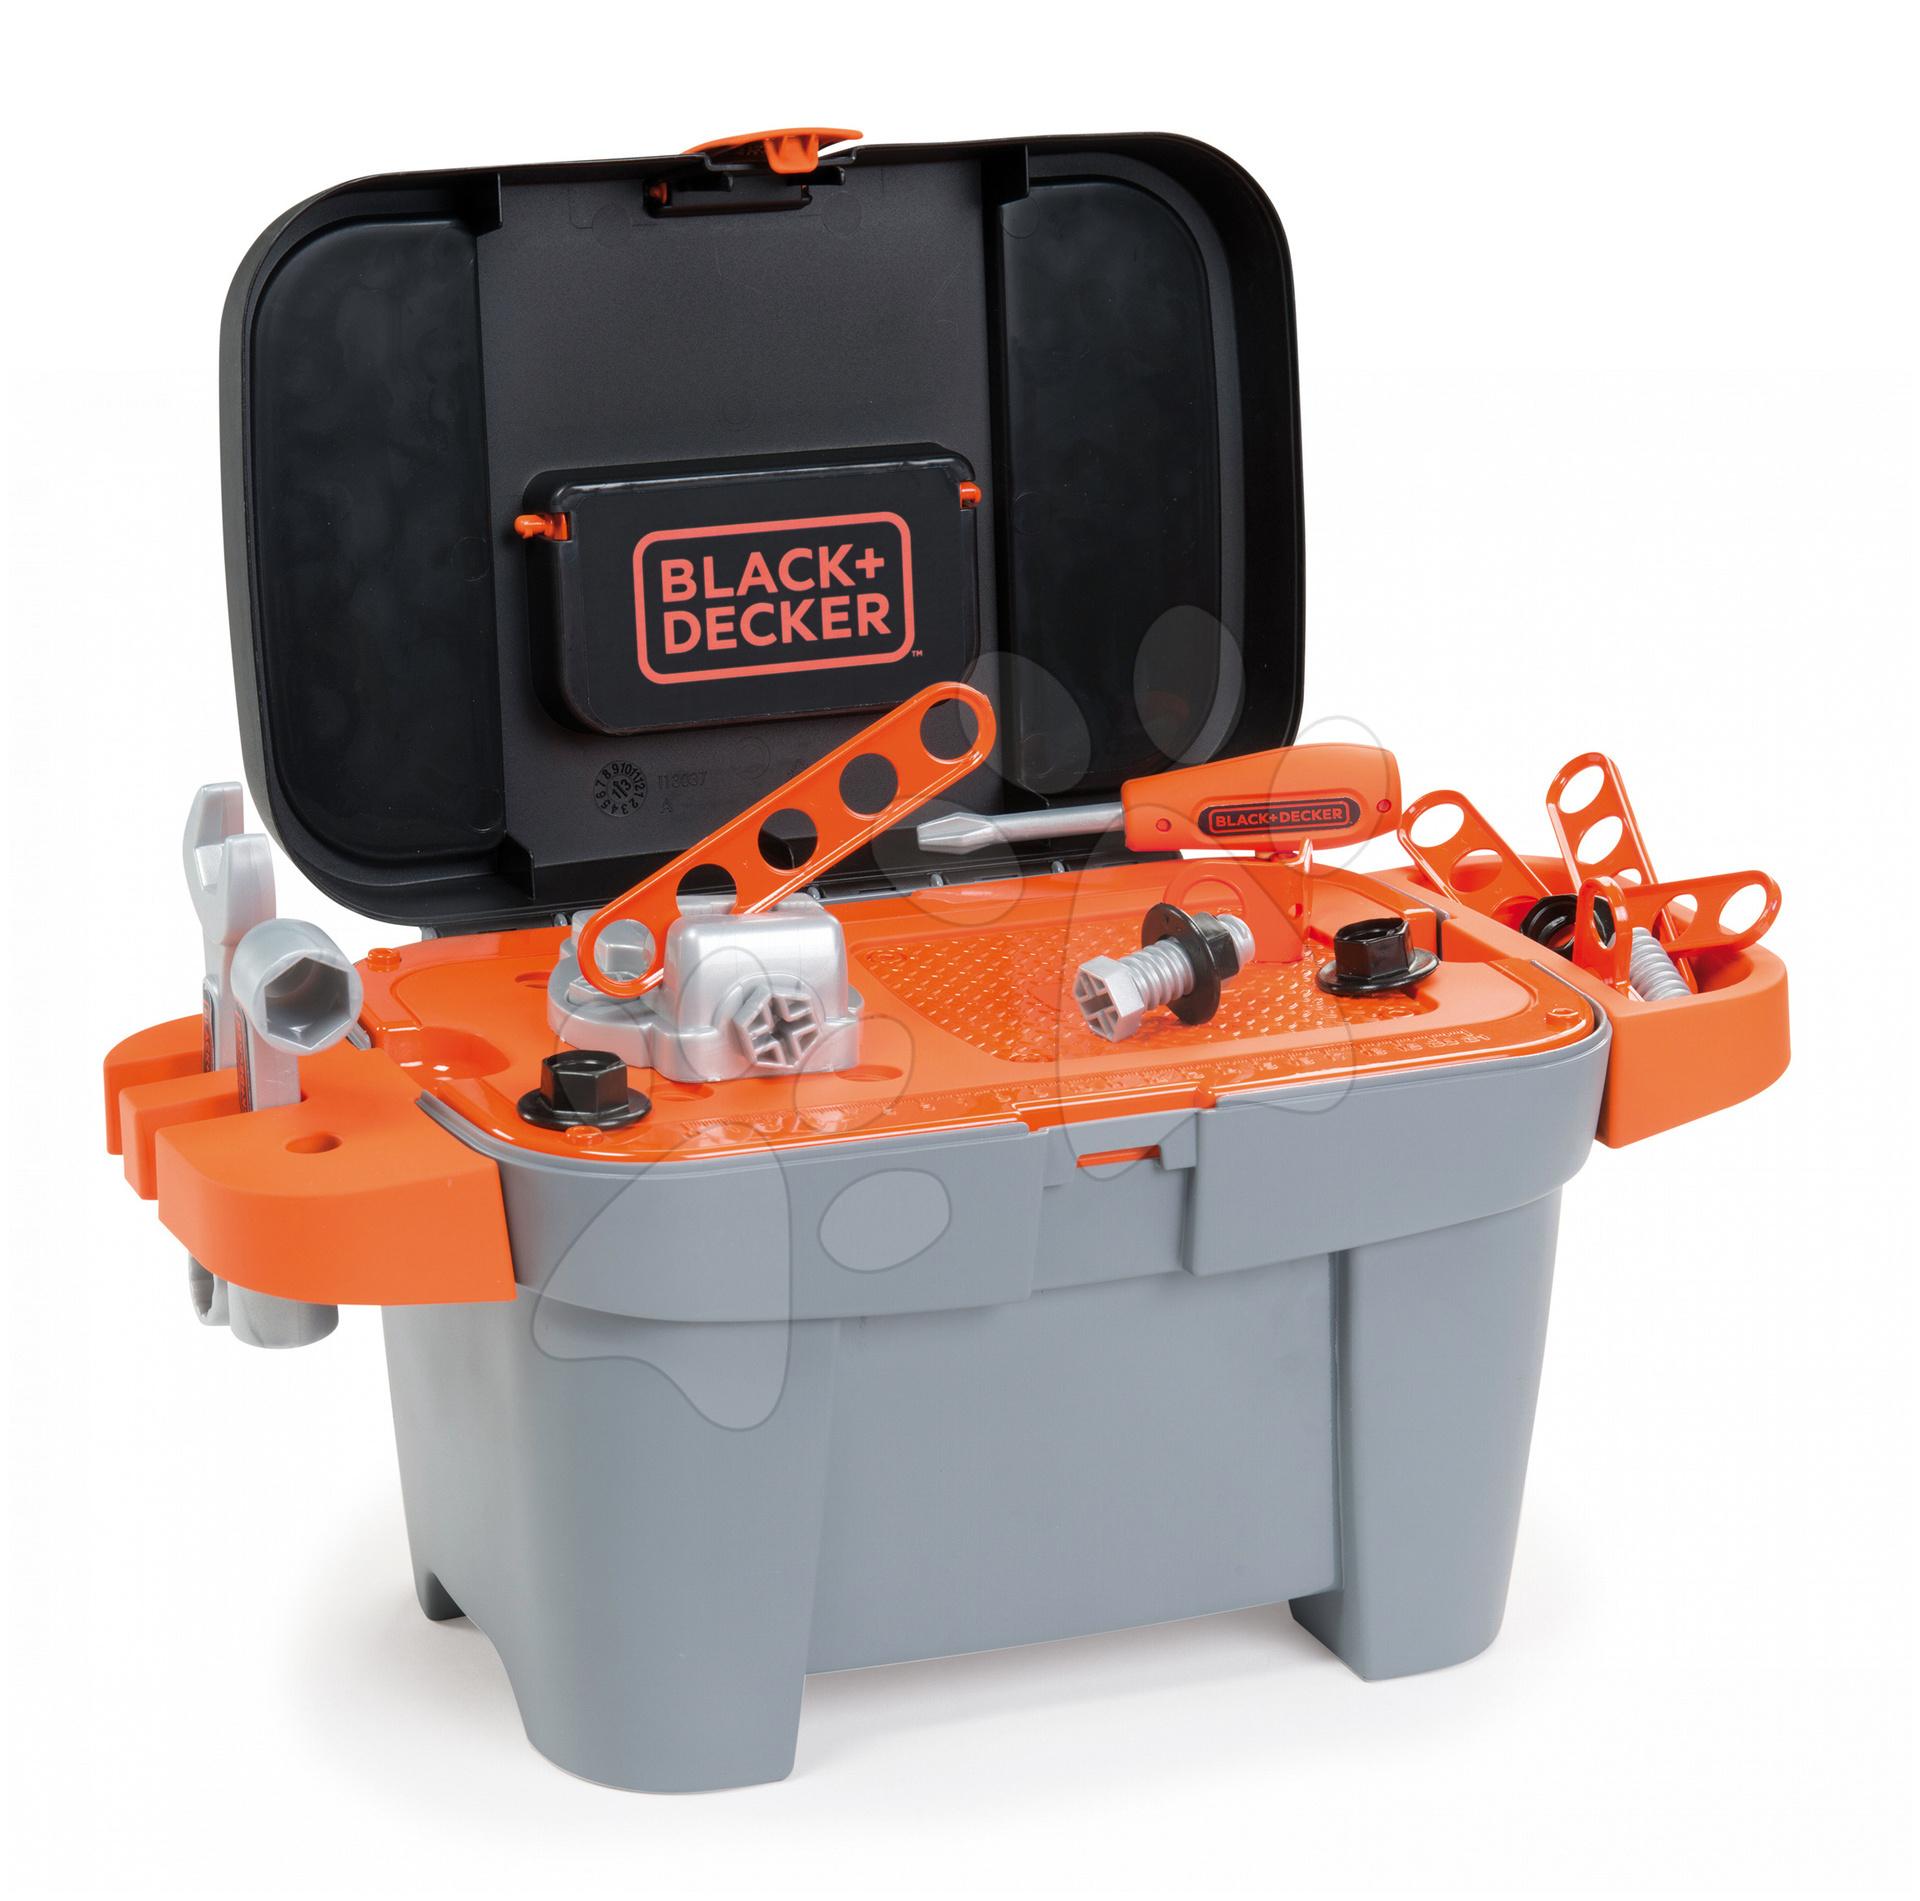 Staré položky - Pracovná dielňa Black+Decker Tooly 2v1 Smoby v kufríku s 18 doplnkami